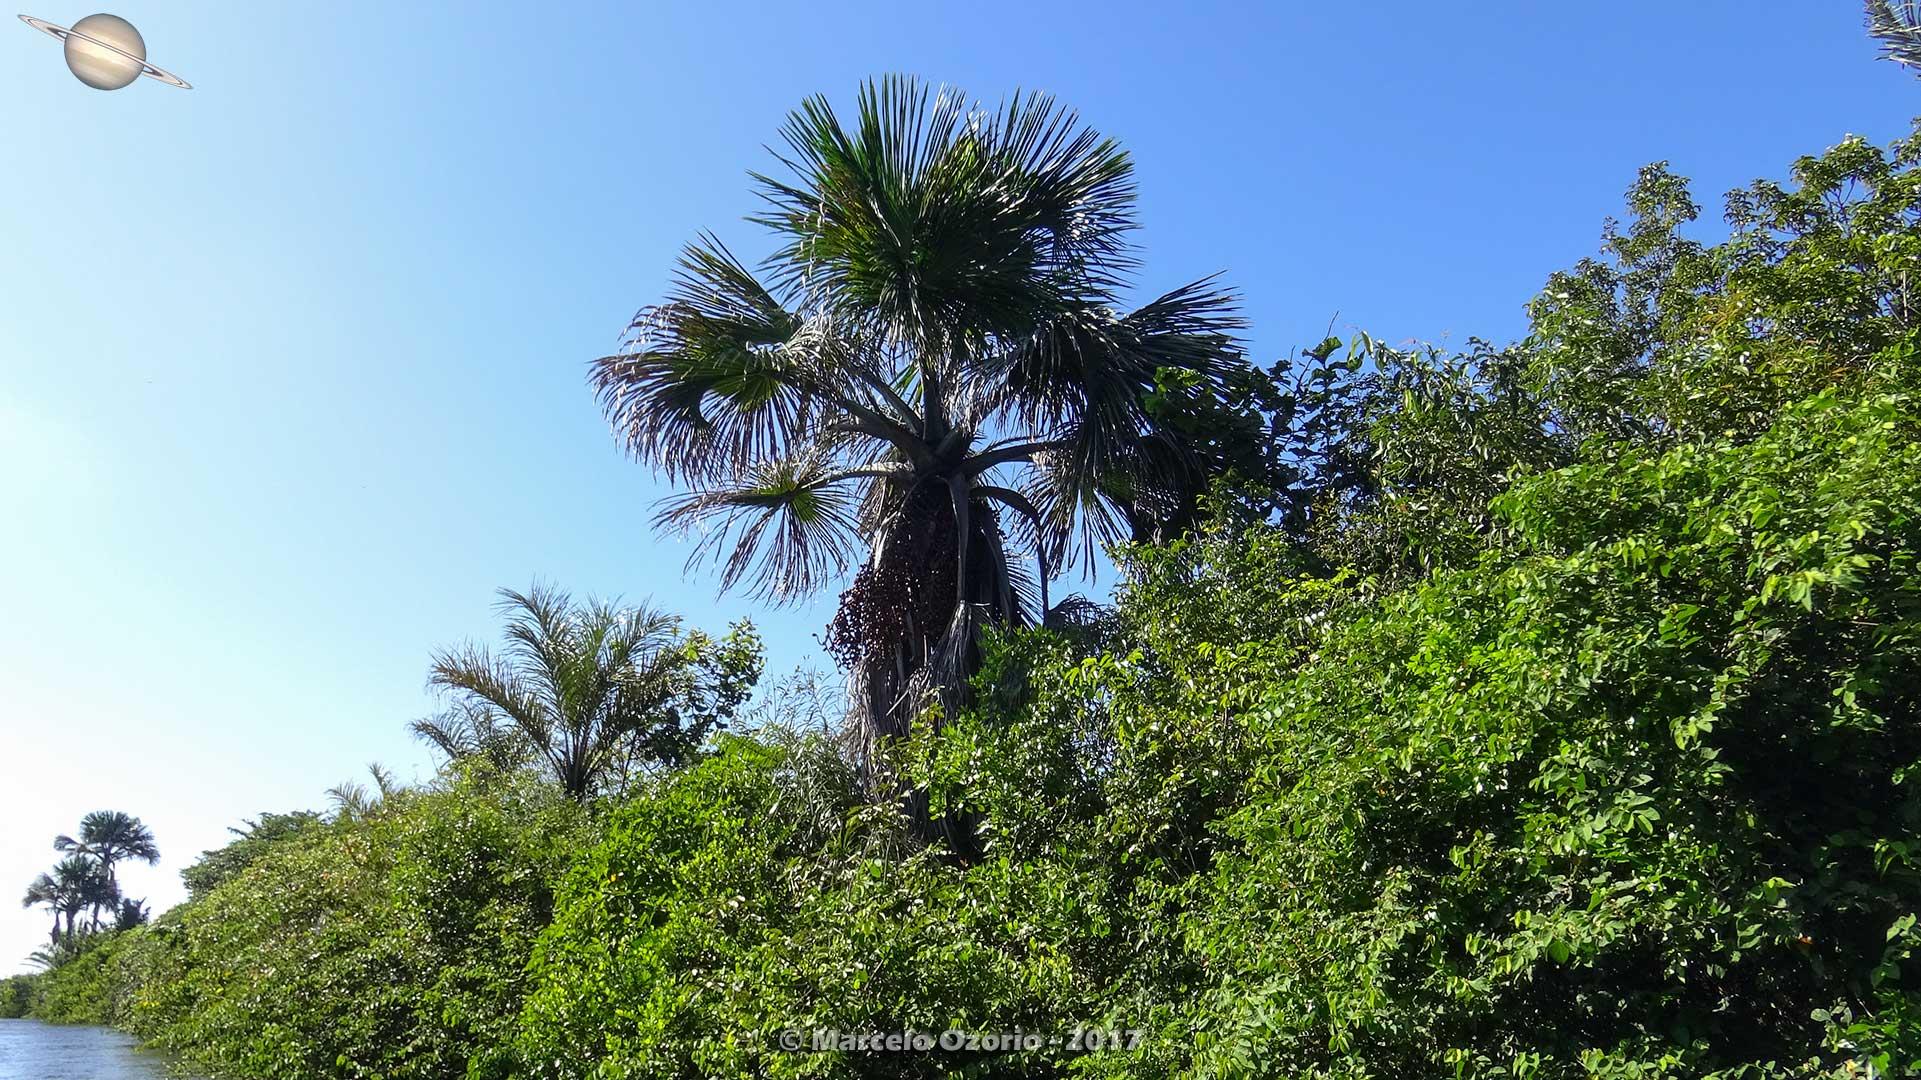 barreirinhas descendo rio preguicas atins 9 - De Barreirinhas à Canto do Atins. Trekking nos Lençóis Maranhenses - Brasil